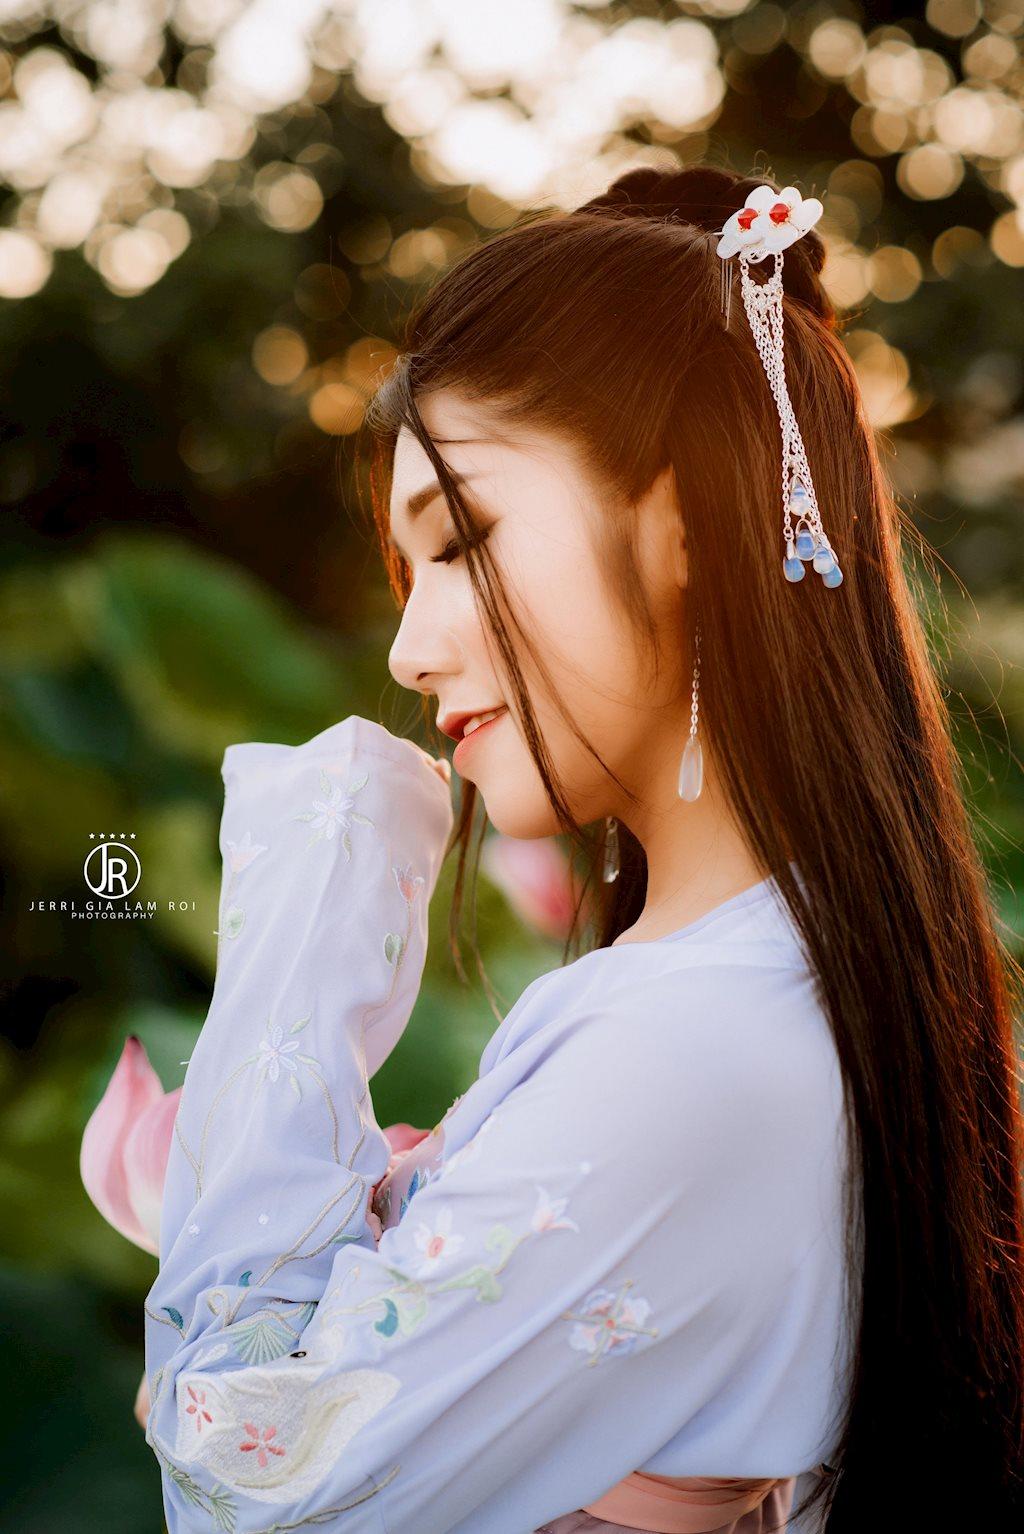 Nữ sinh hóa mỹ nữ cổ trang đẹp hút hồn